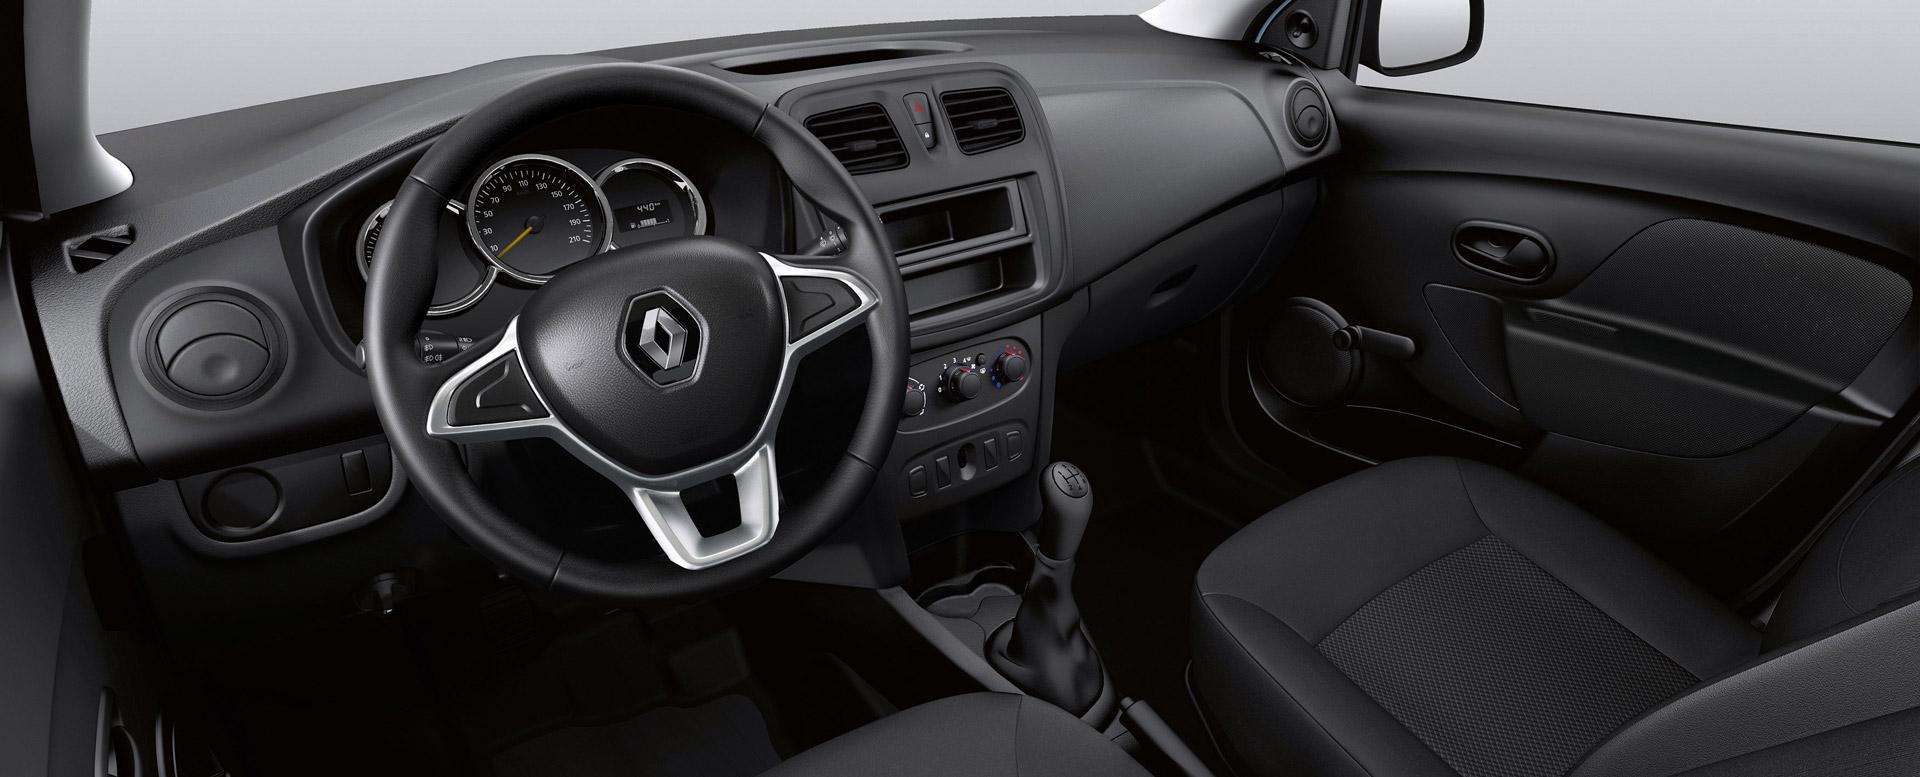 Renault Россия представляет обновленные Logan и Sandero